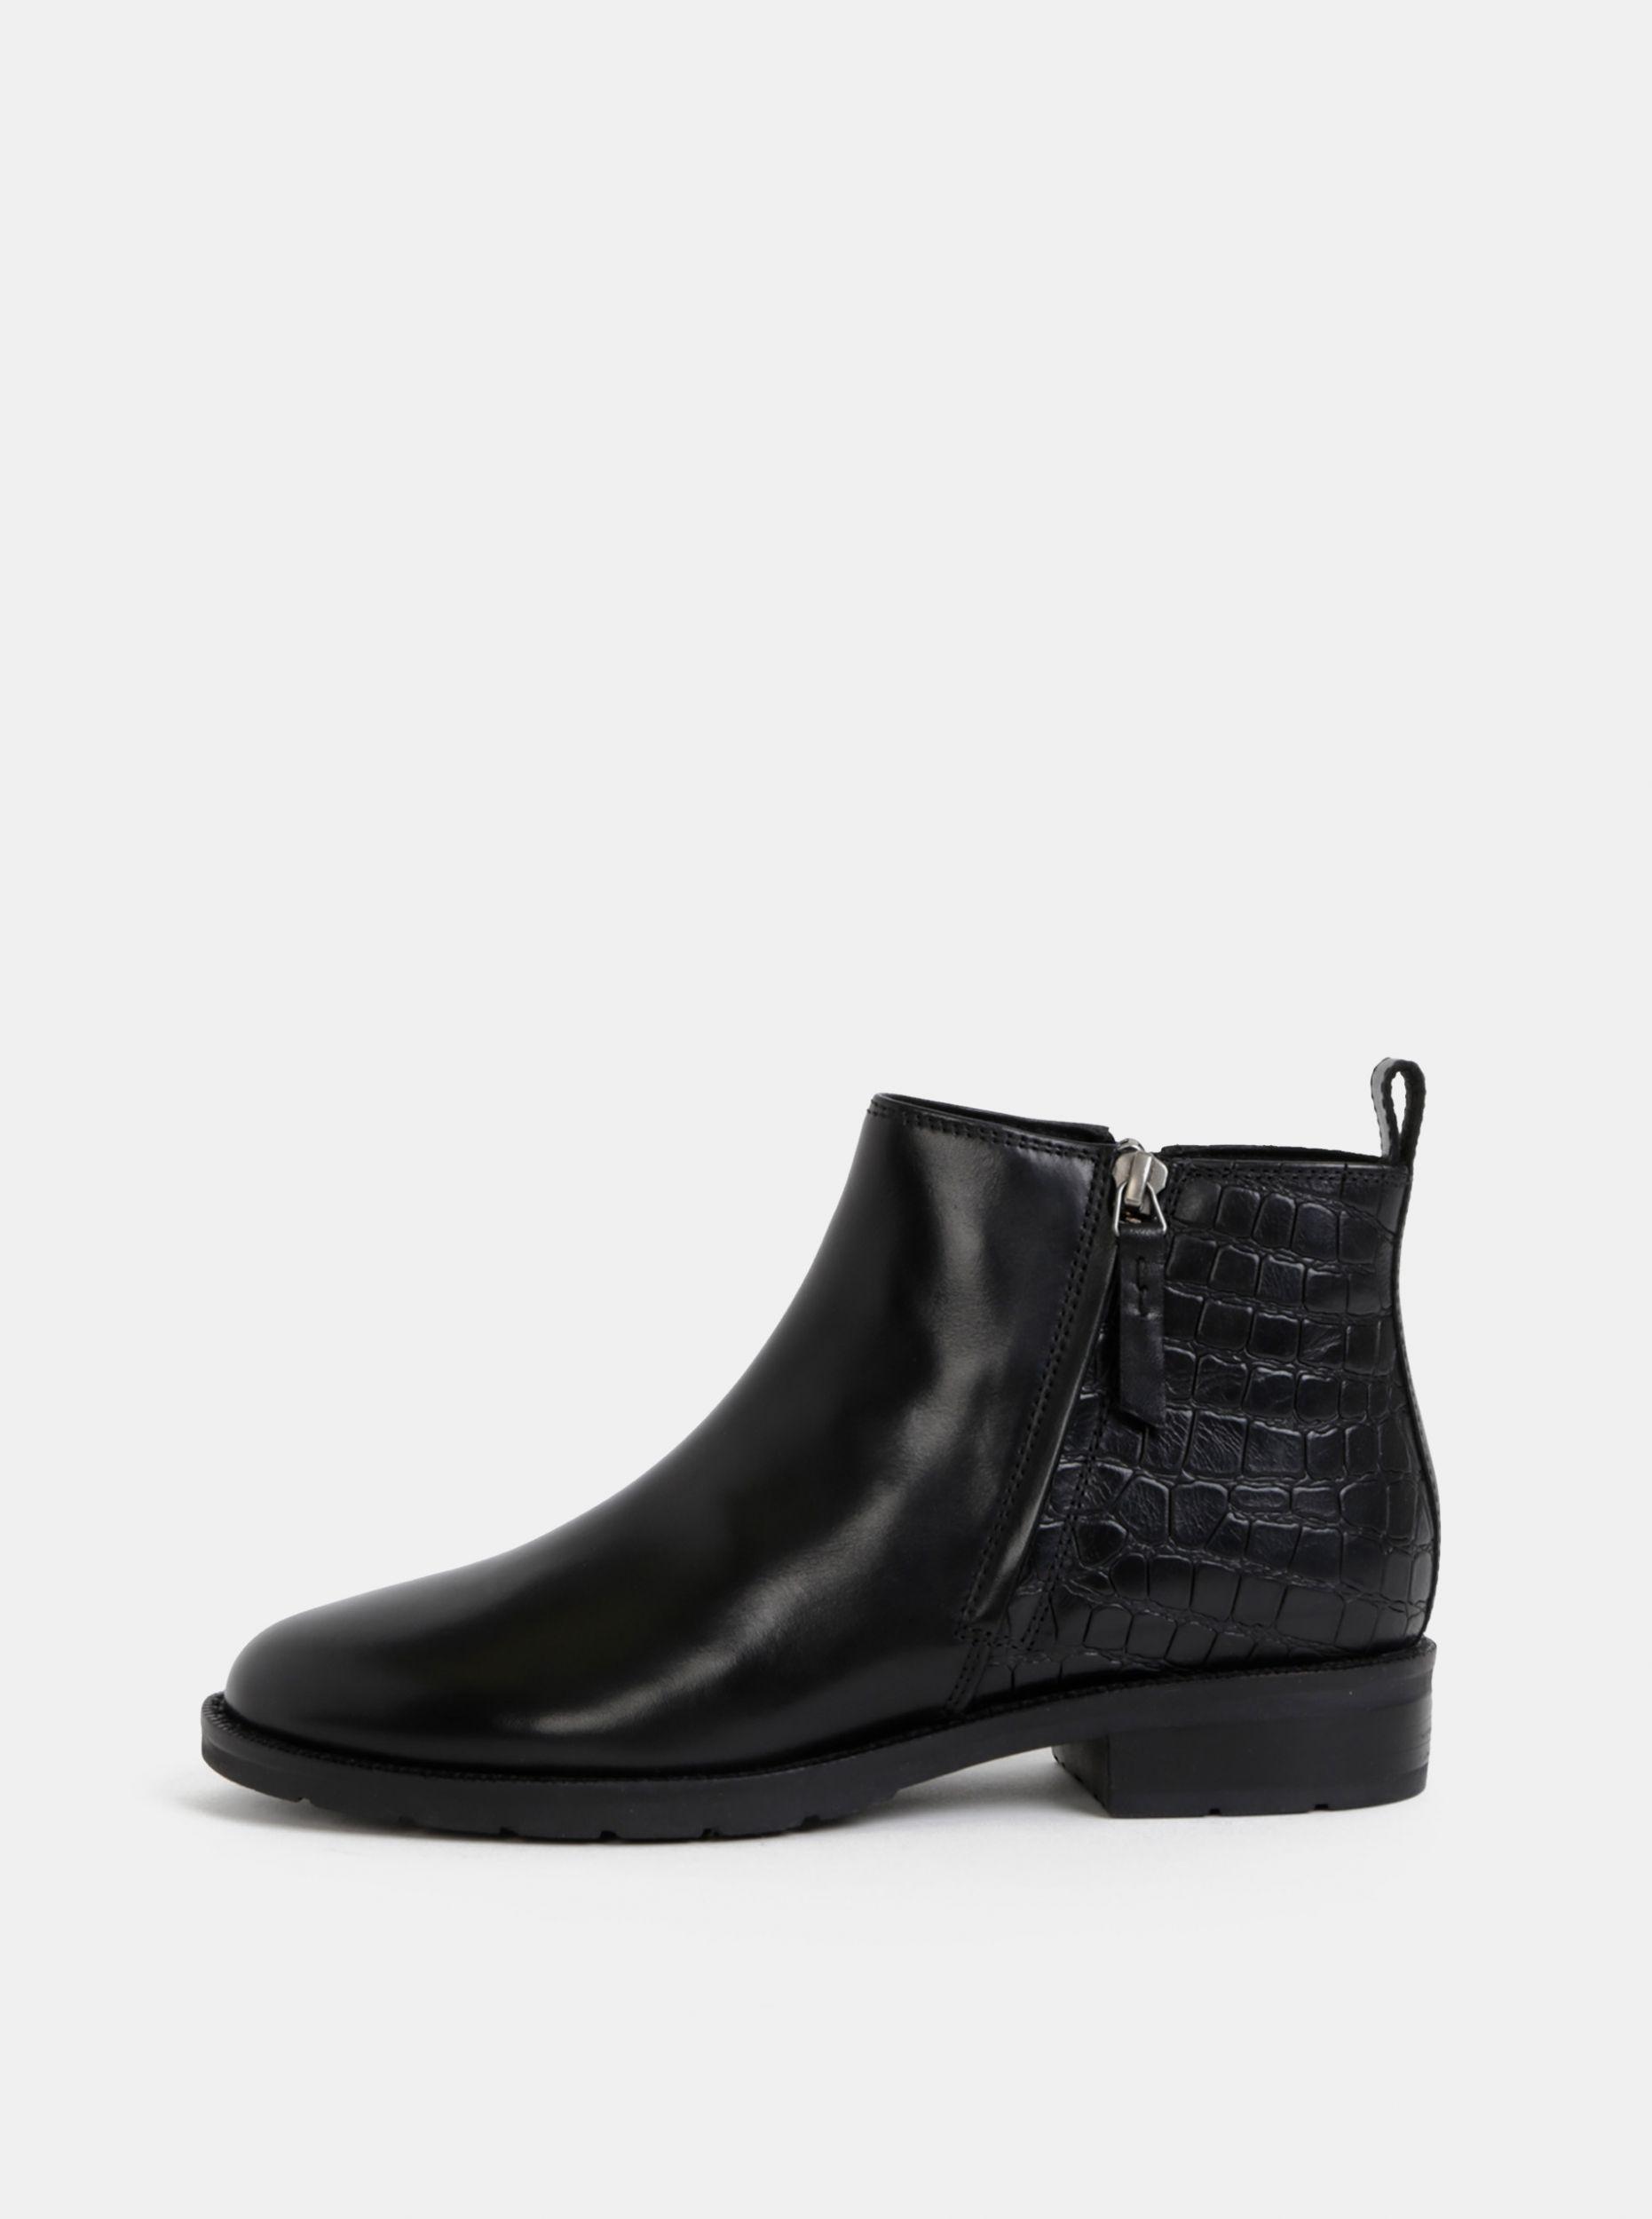 Geox černé kožené kotníkové boty s krokodýlím vzorem Bettanie